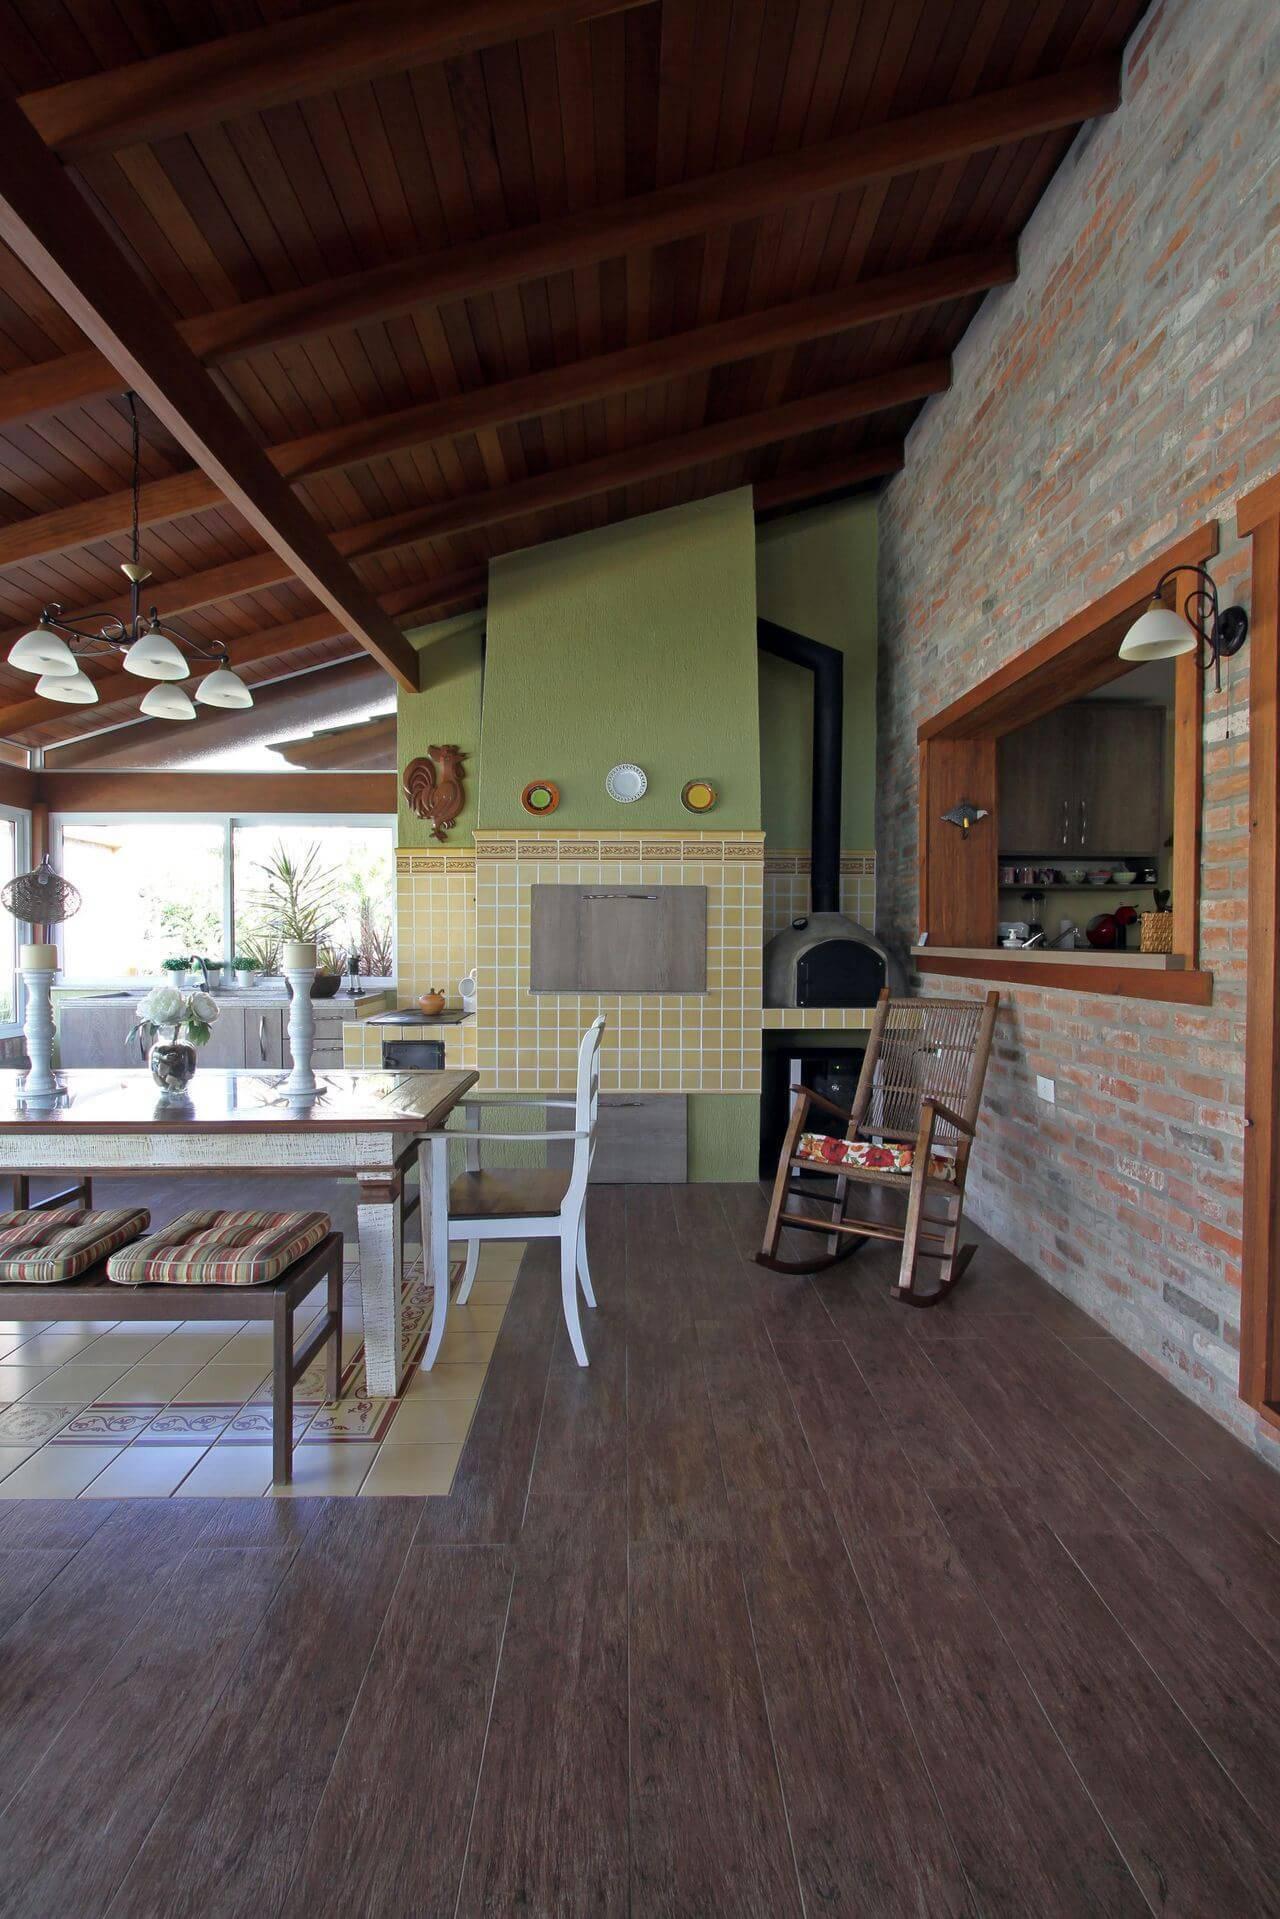 Casa em estilo rústico com piso de madeira na varanda Projeto de Graça Brenner